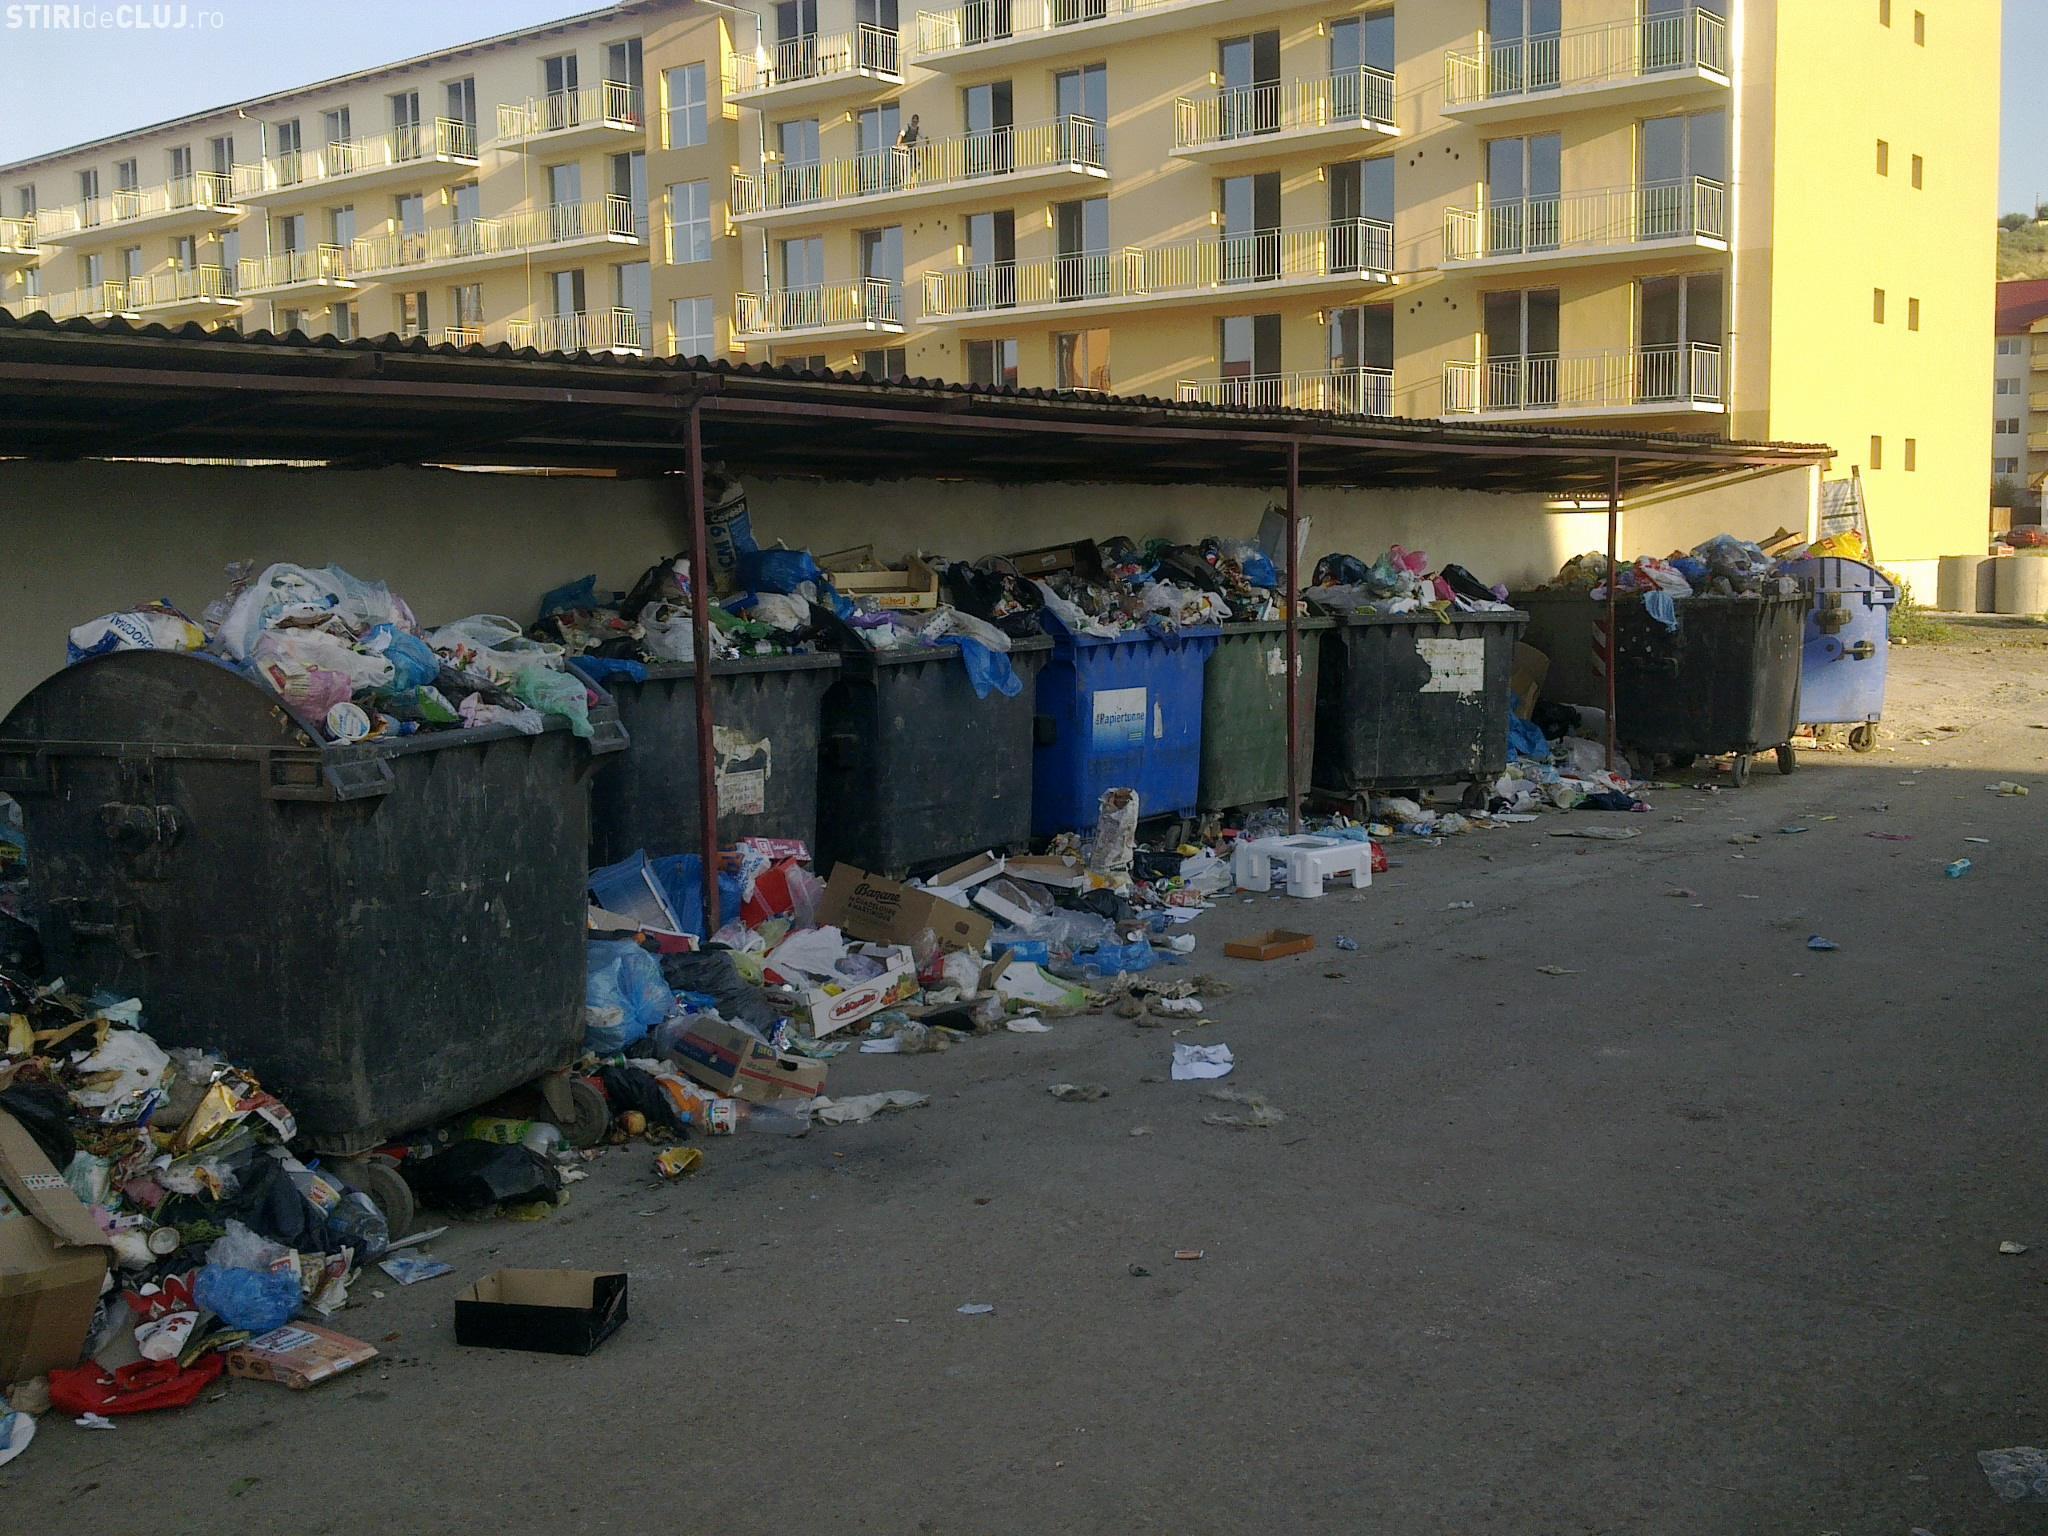 Quatro Eco Salub la un pas să piardă Floreștiul! Motivul: conturi blocate și tariful dublat